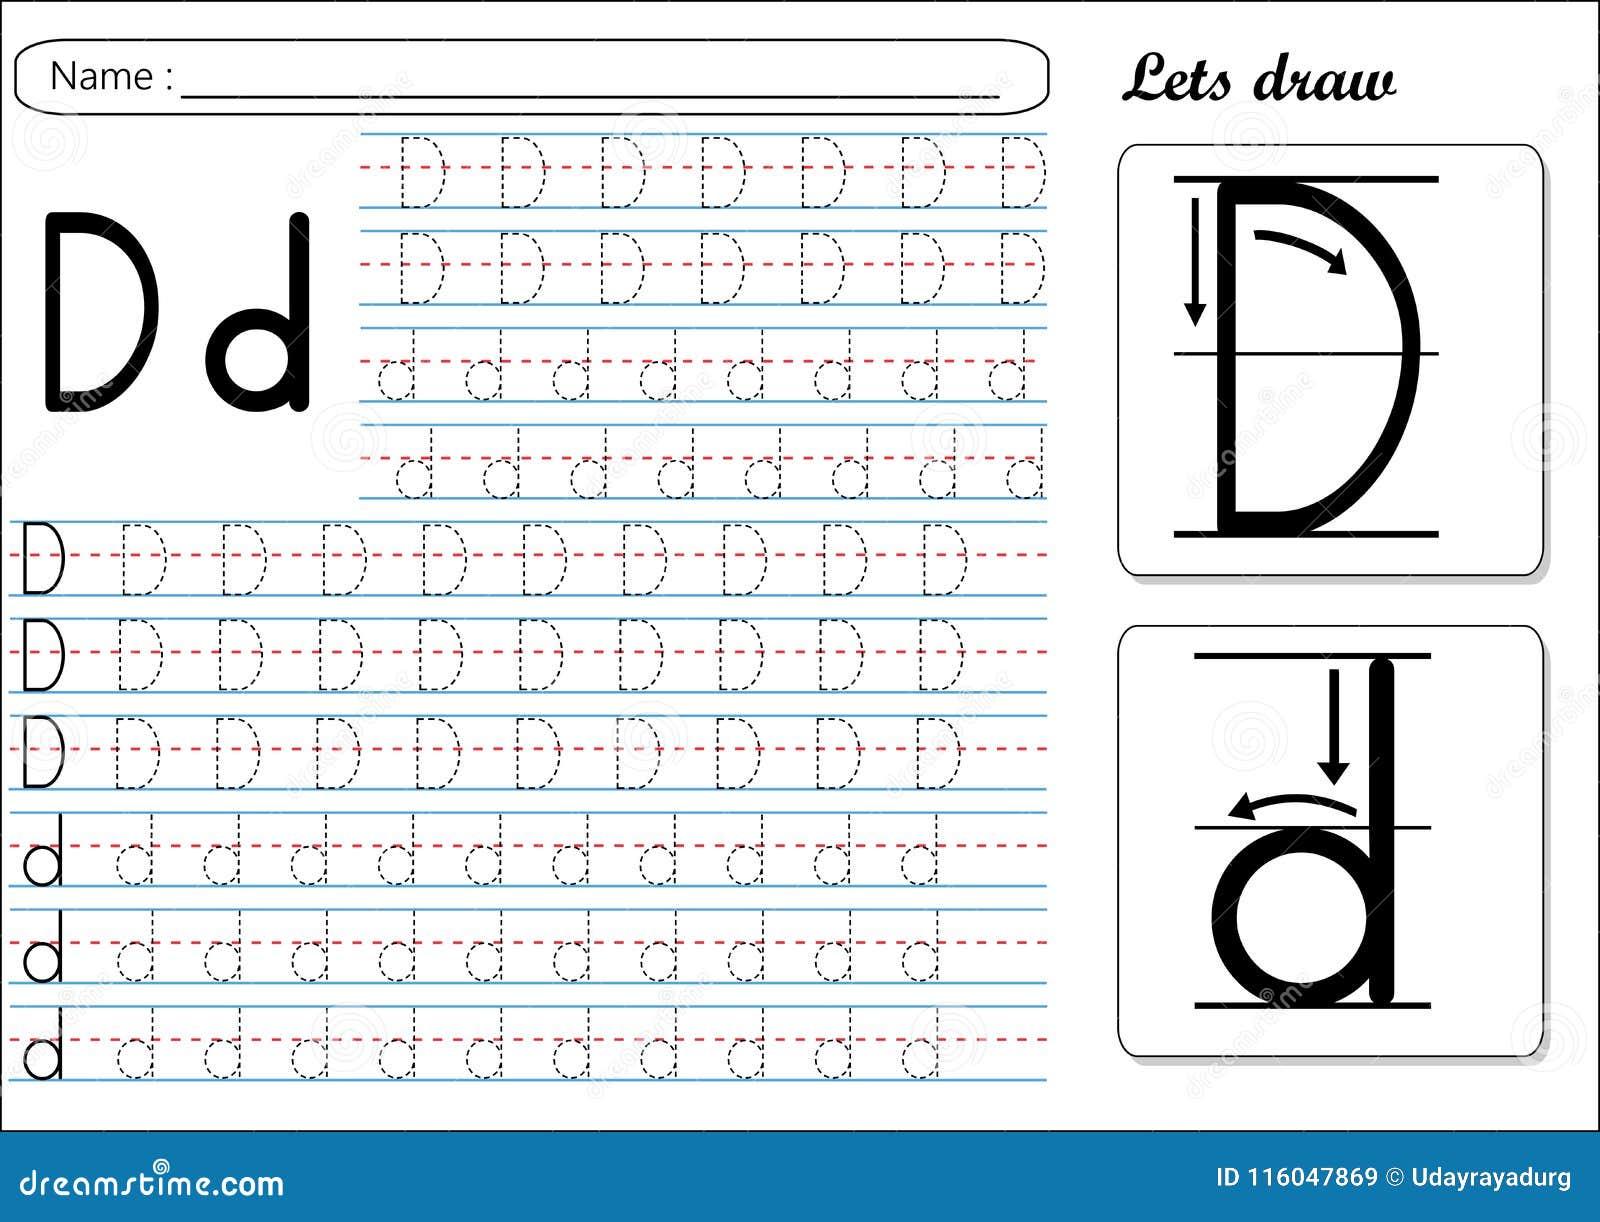 tracing worksheet dd stock vector illustration of made. Black Bedroom Furniture Sets. Home Design Ideas